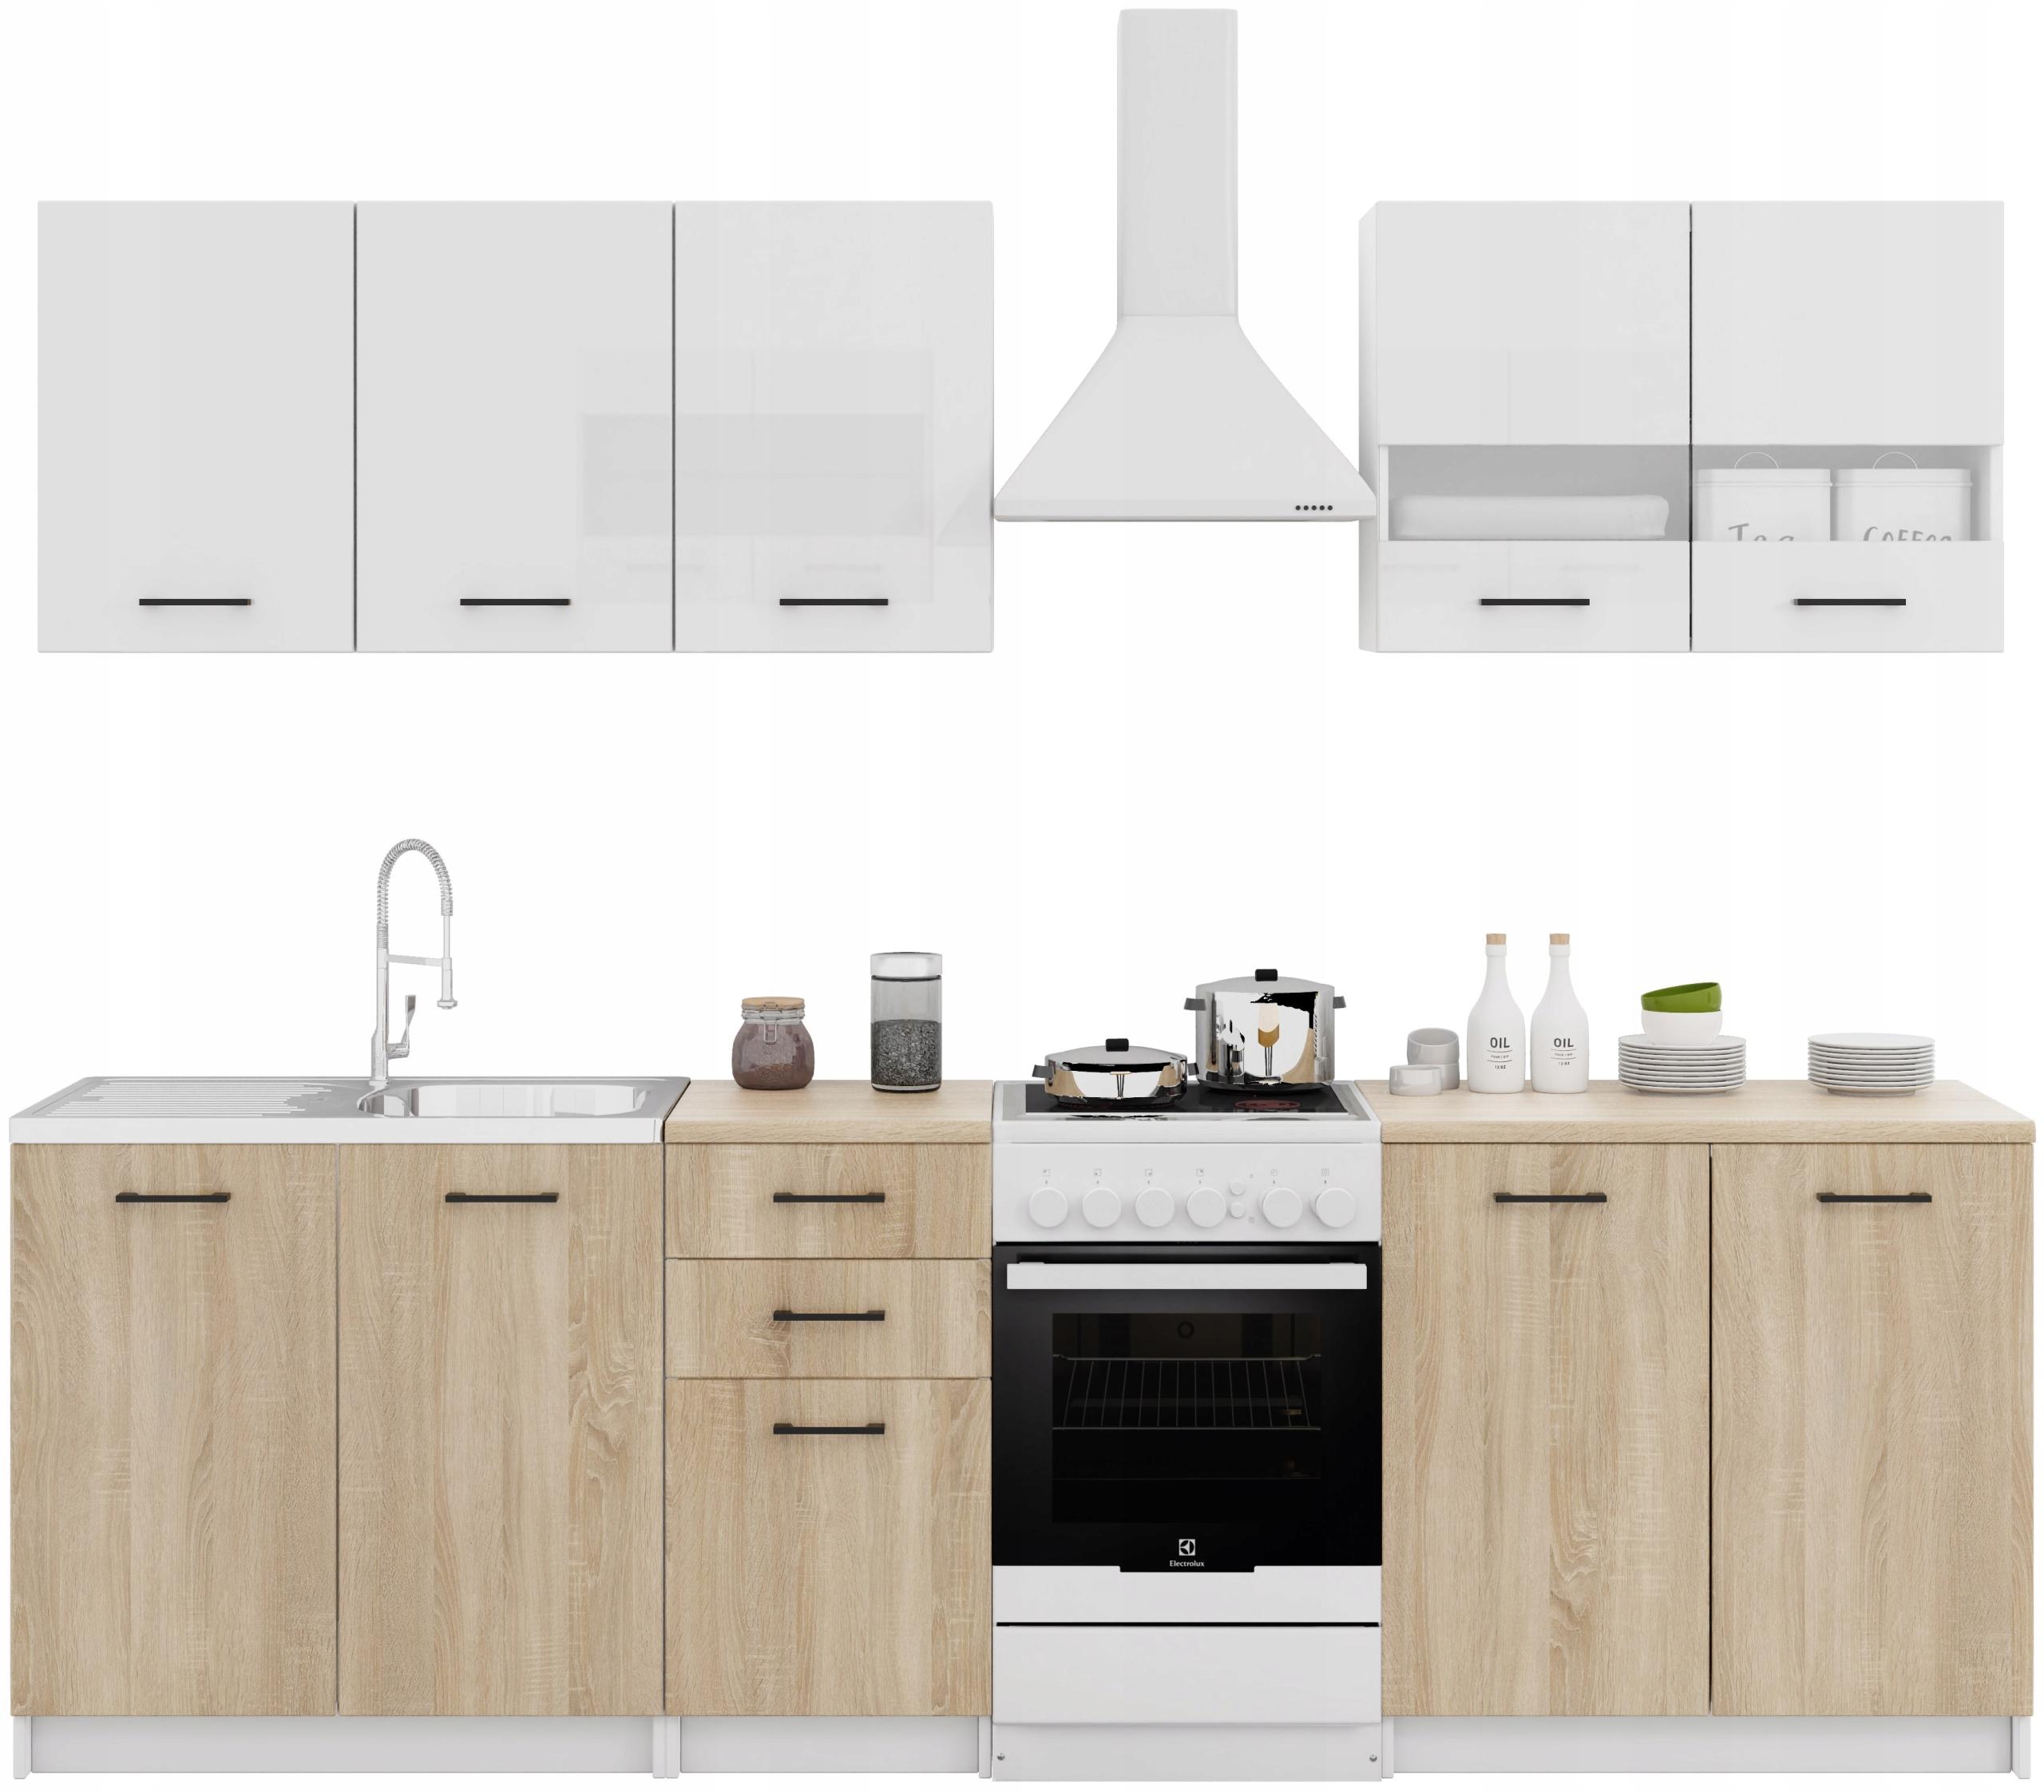 Sada kuchynského nábytku s doskami Kuchynský dubový lak